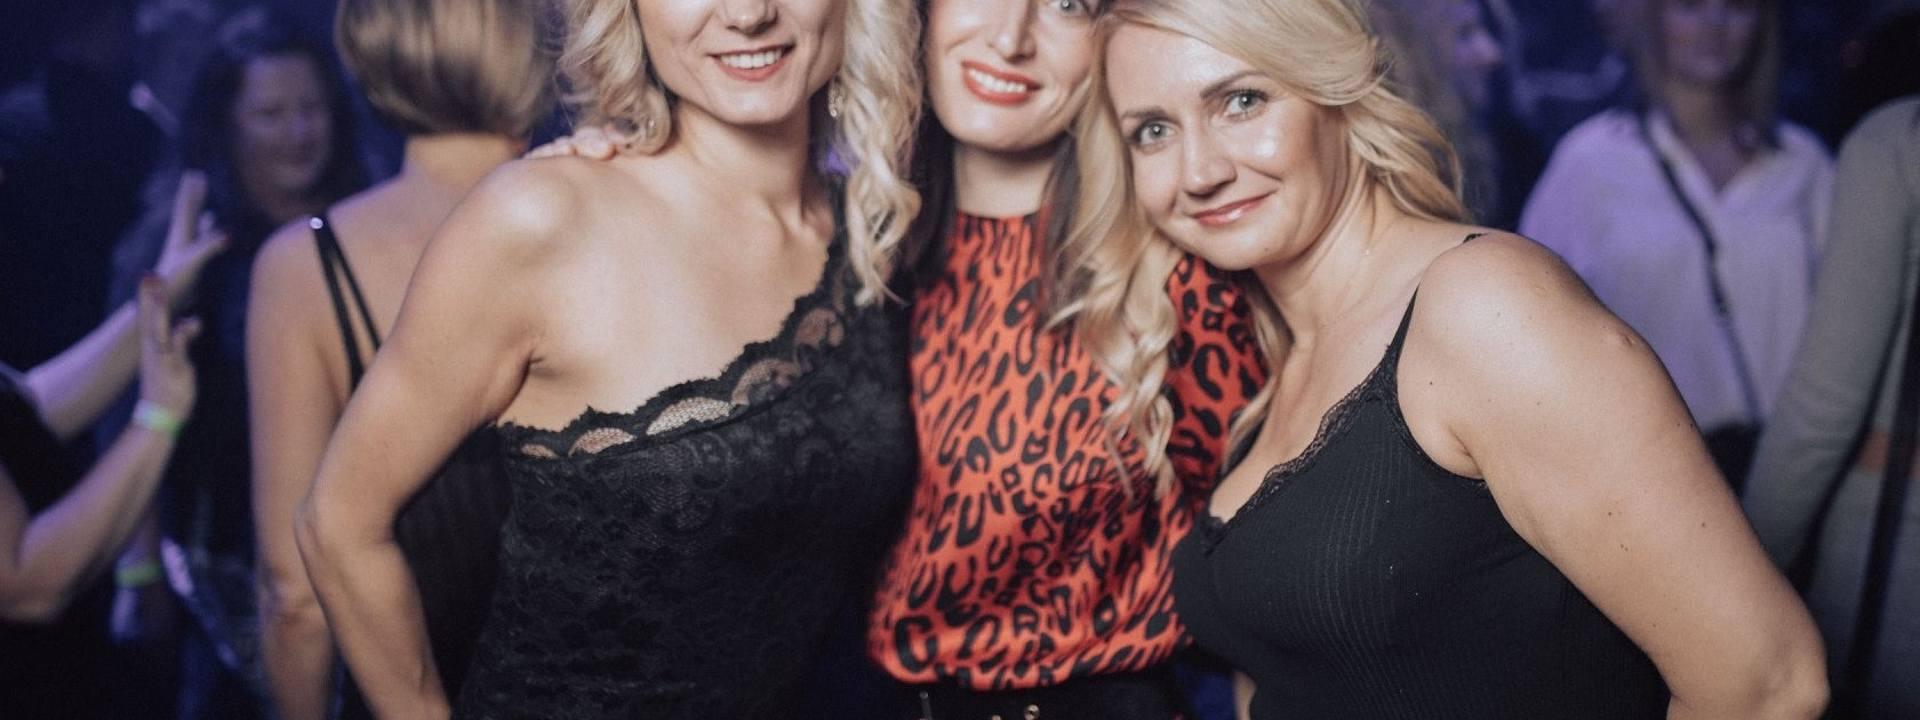 Zobacz fotorelację z urodzinowej imprezy klubu Black Pearl Disco Club w Ustce.